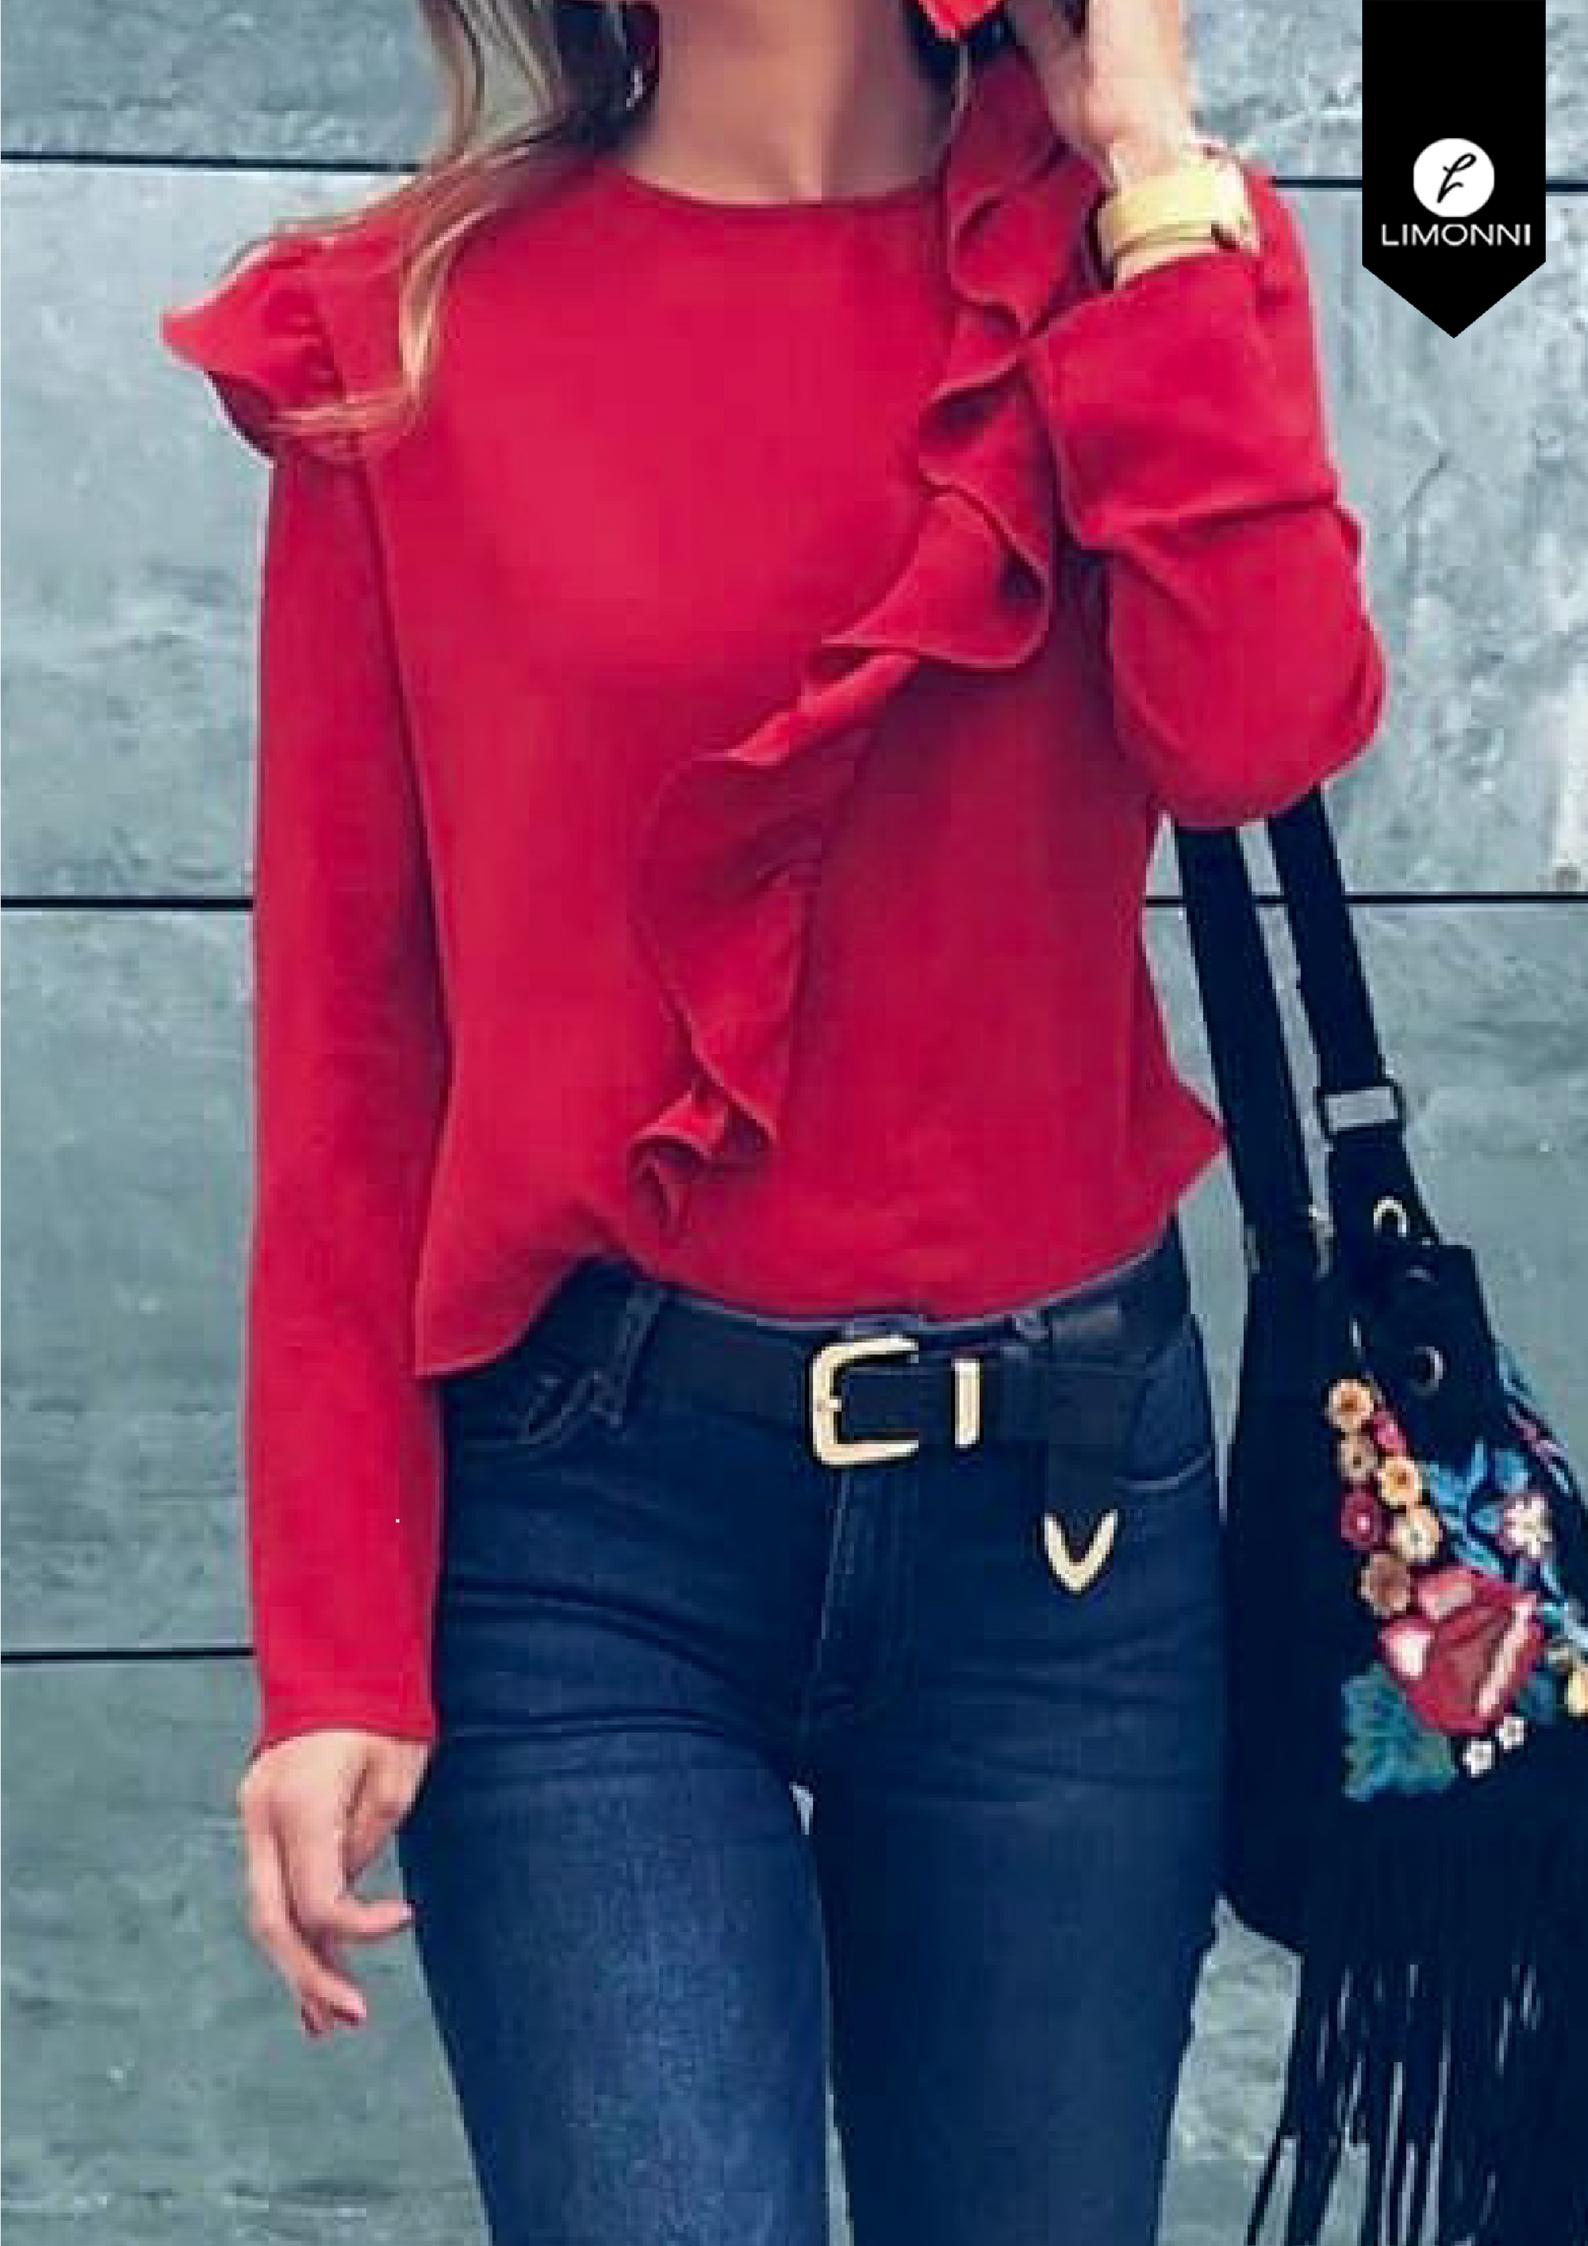 Blusas para mujer Limonni Novalee LI1440 Casuales